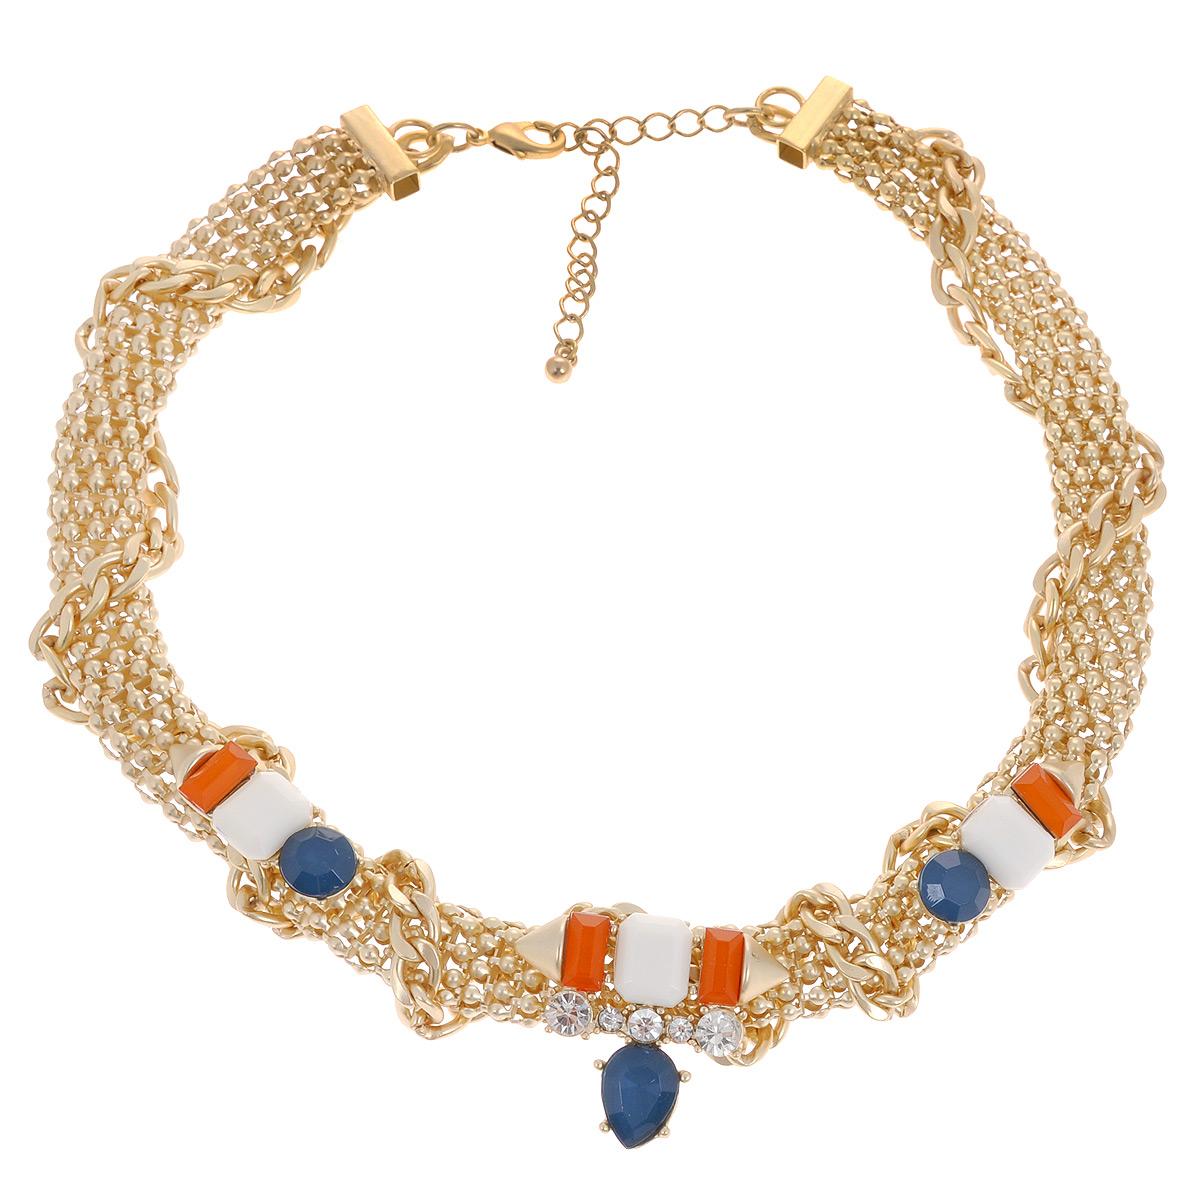 Ожерелье Avgad, цвет: золотистый, синий, оранжевый, слоновая кость. H-477S823H-477S823Элегантное ожерелье Avgad выполнено из ювелирного сплава и дополнено тремя оригинальными элементами с вставками из ювелирного акрила. Ожерелье застегивается на практичный замок-карабин, длина изделия регулируется за счет дополнительных звеньев в цепочке. Такое ожерелье позволит вам с легкостью воплотить самую смелую фантазию и создать собственный, неповторимый образ.